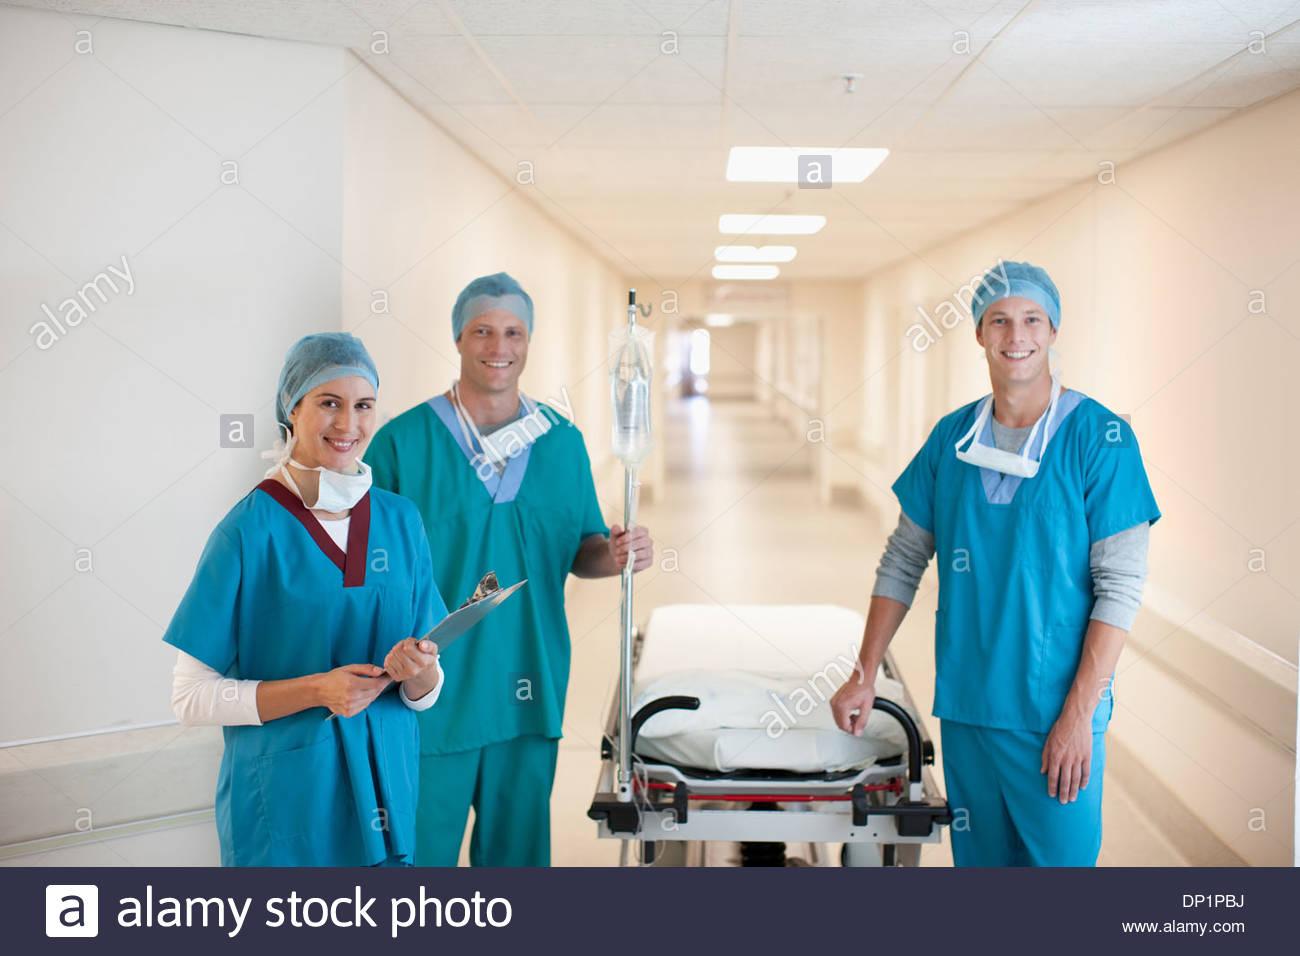 Les chirurgiens à l'hôpital avec gurney Photo Stock